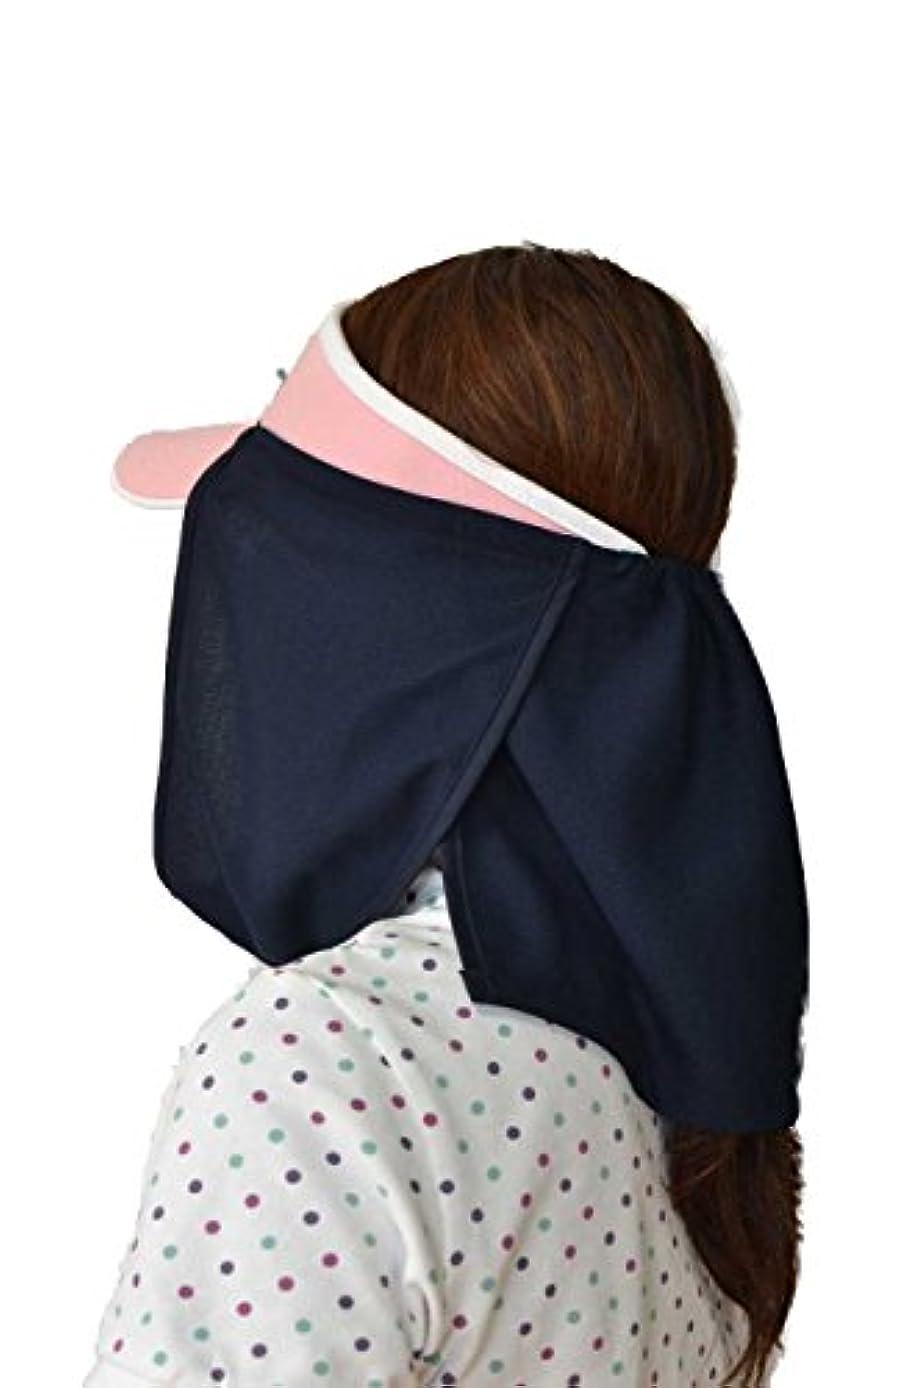 ピック少年側溝UVカット帽子カバー?スズシーノ?(紺色)紫外線対策や熱射病、熱中症対策に最適【特許取得済】